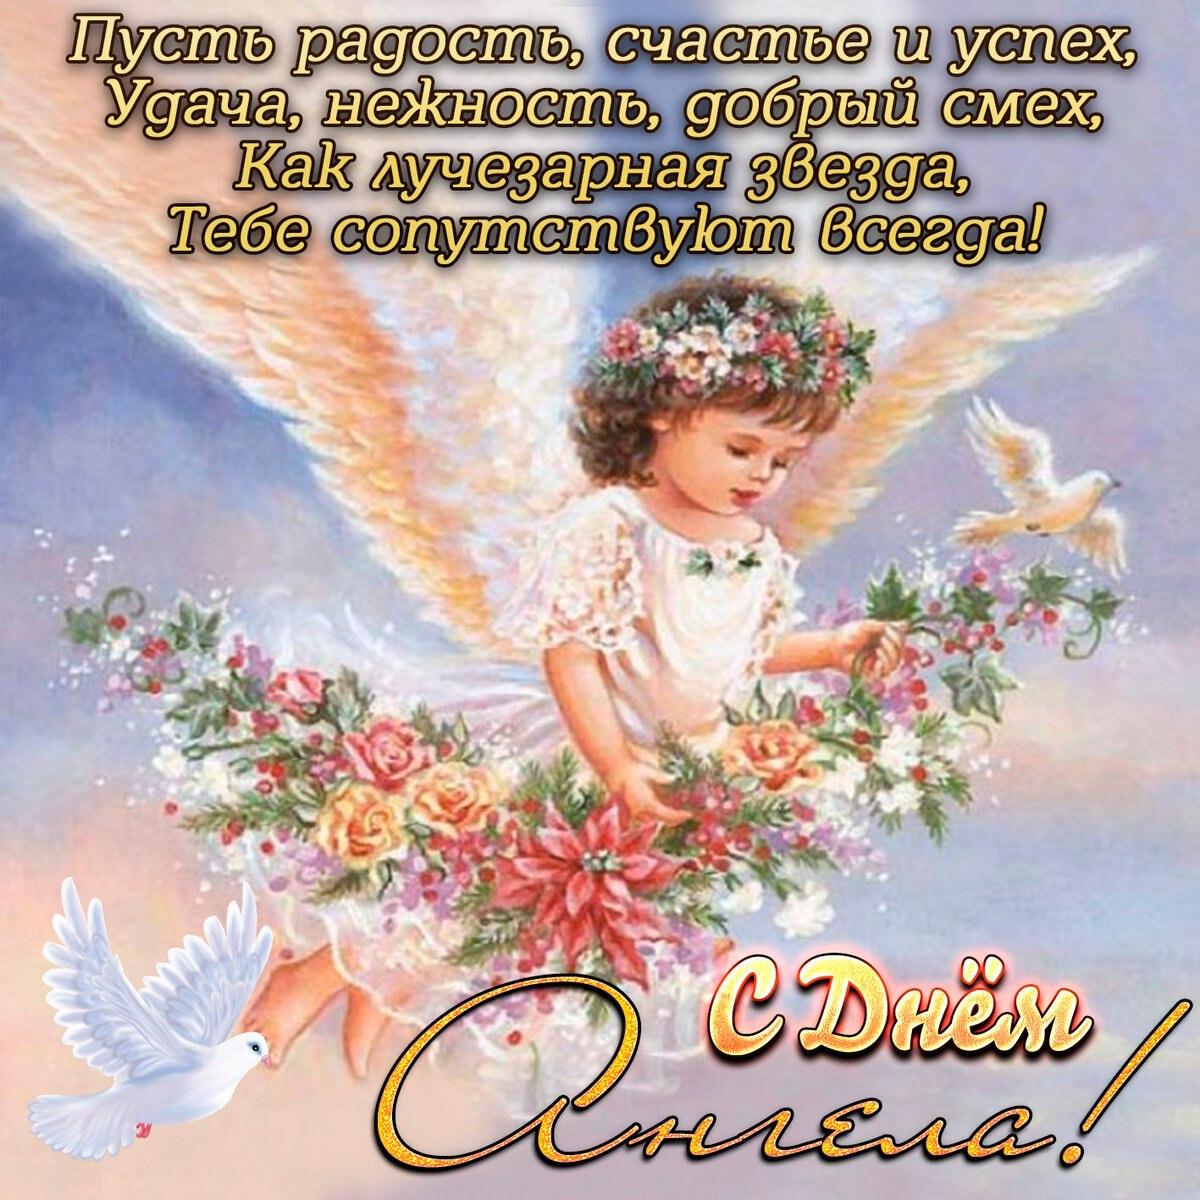 Поздравление с днем ангела юли